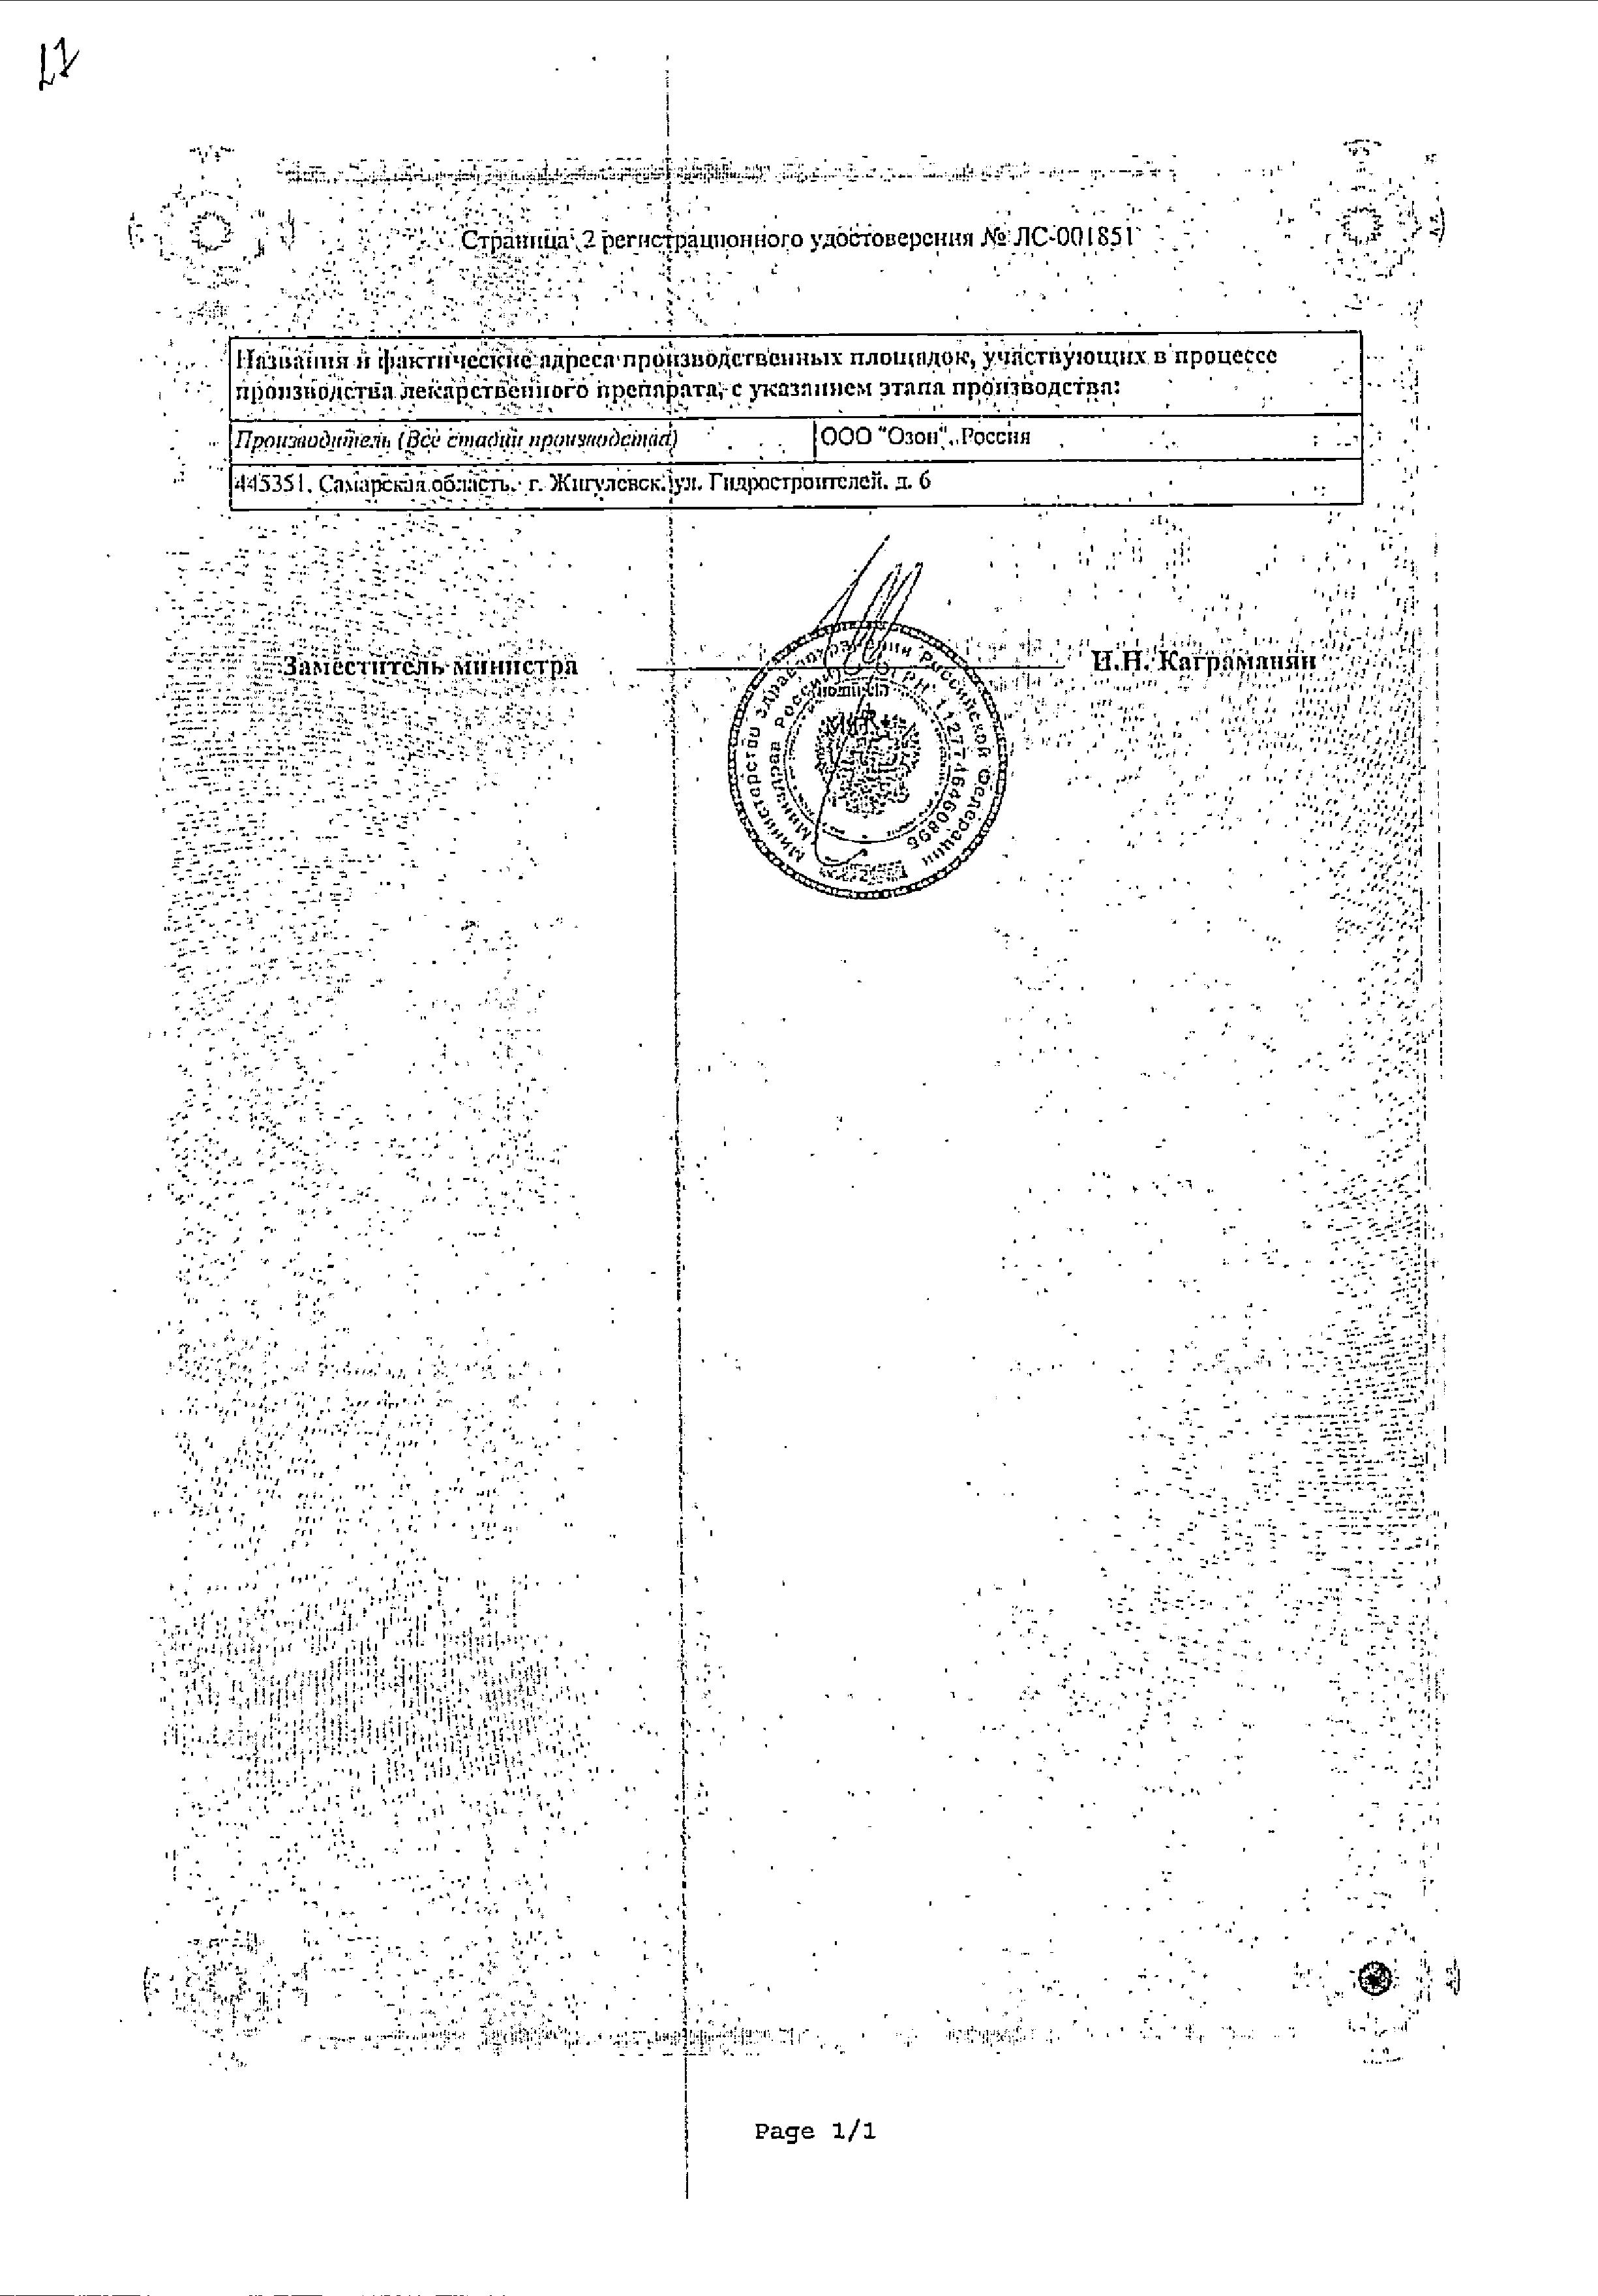 Глицин-БИО Фармаплант сертификат